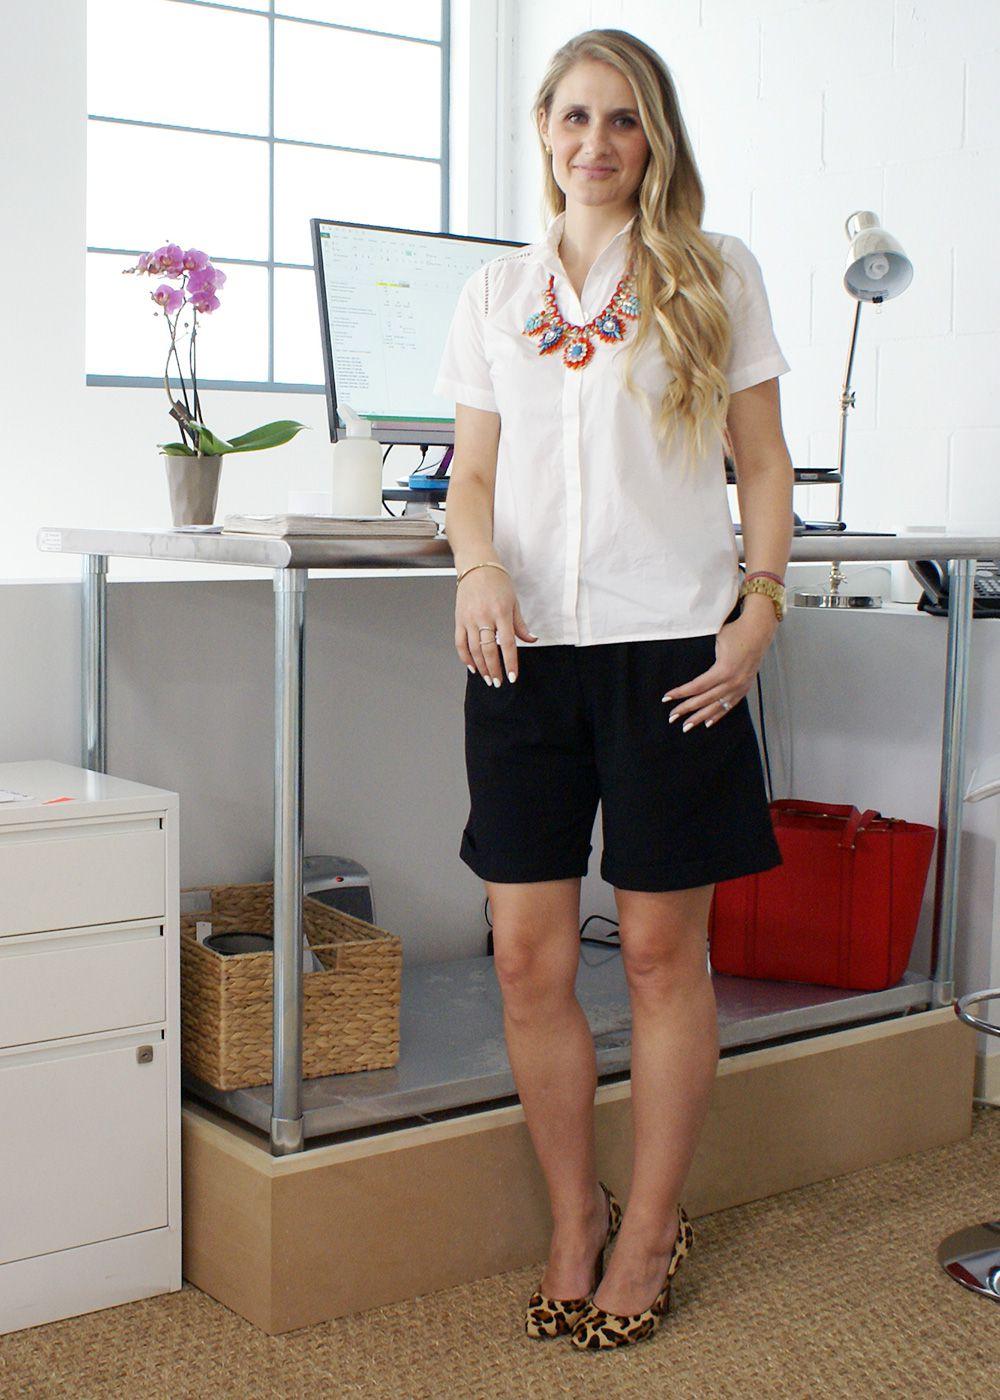 Beautycounter-Office-Jenna Colgrove-01_2015_04.jpg